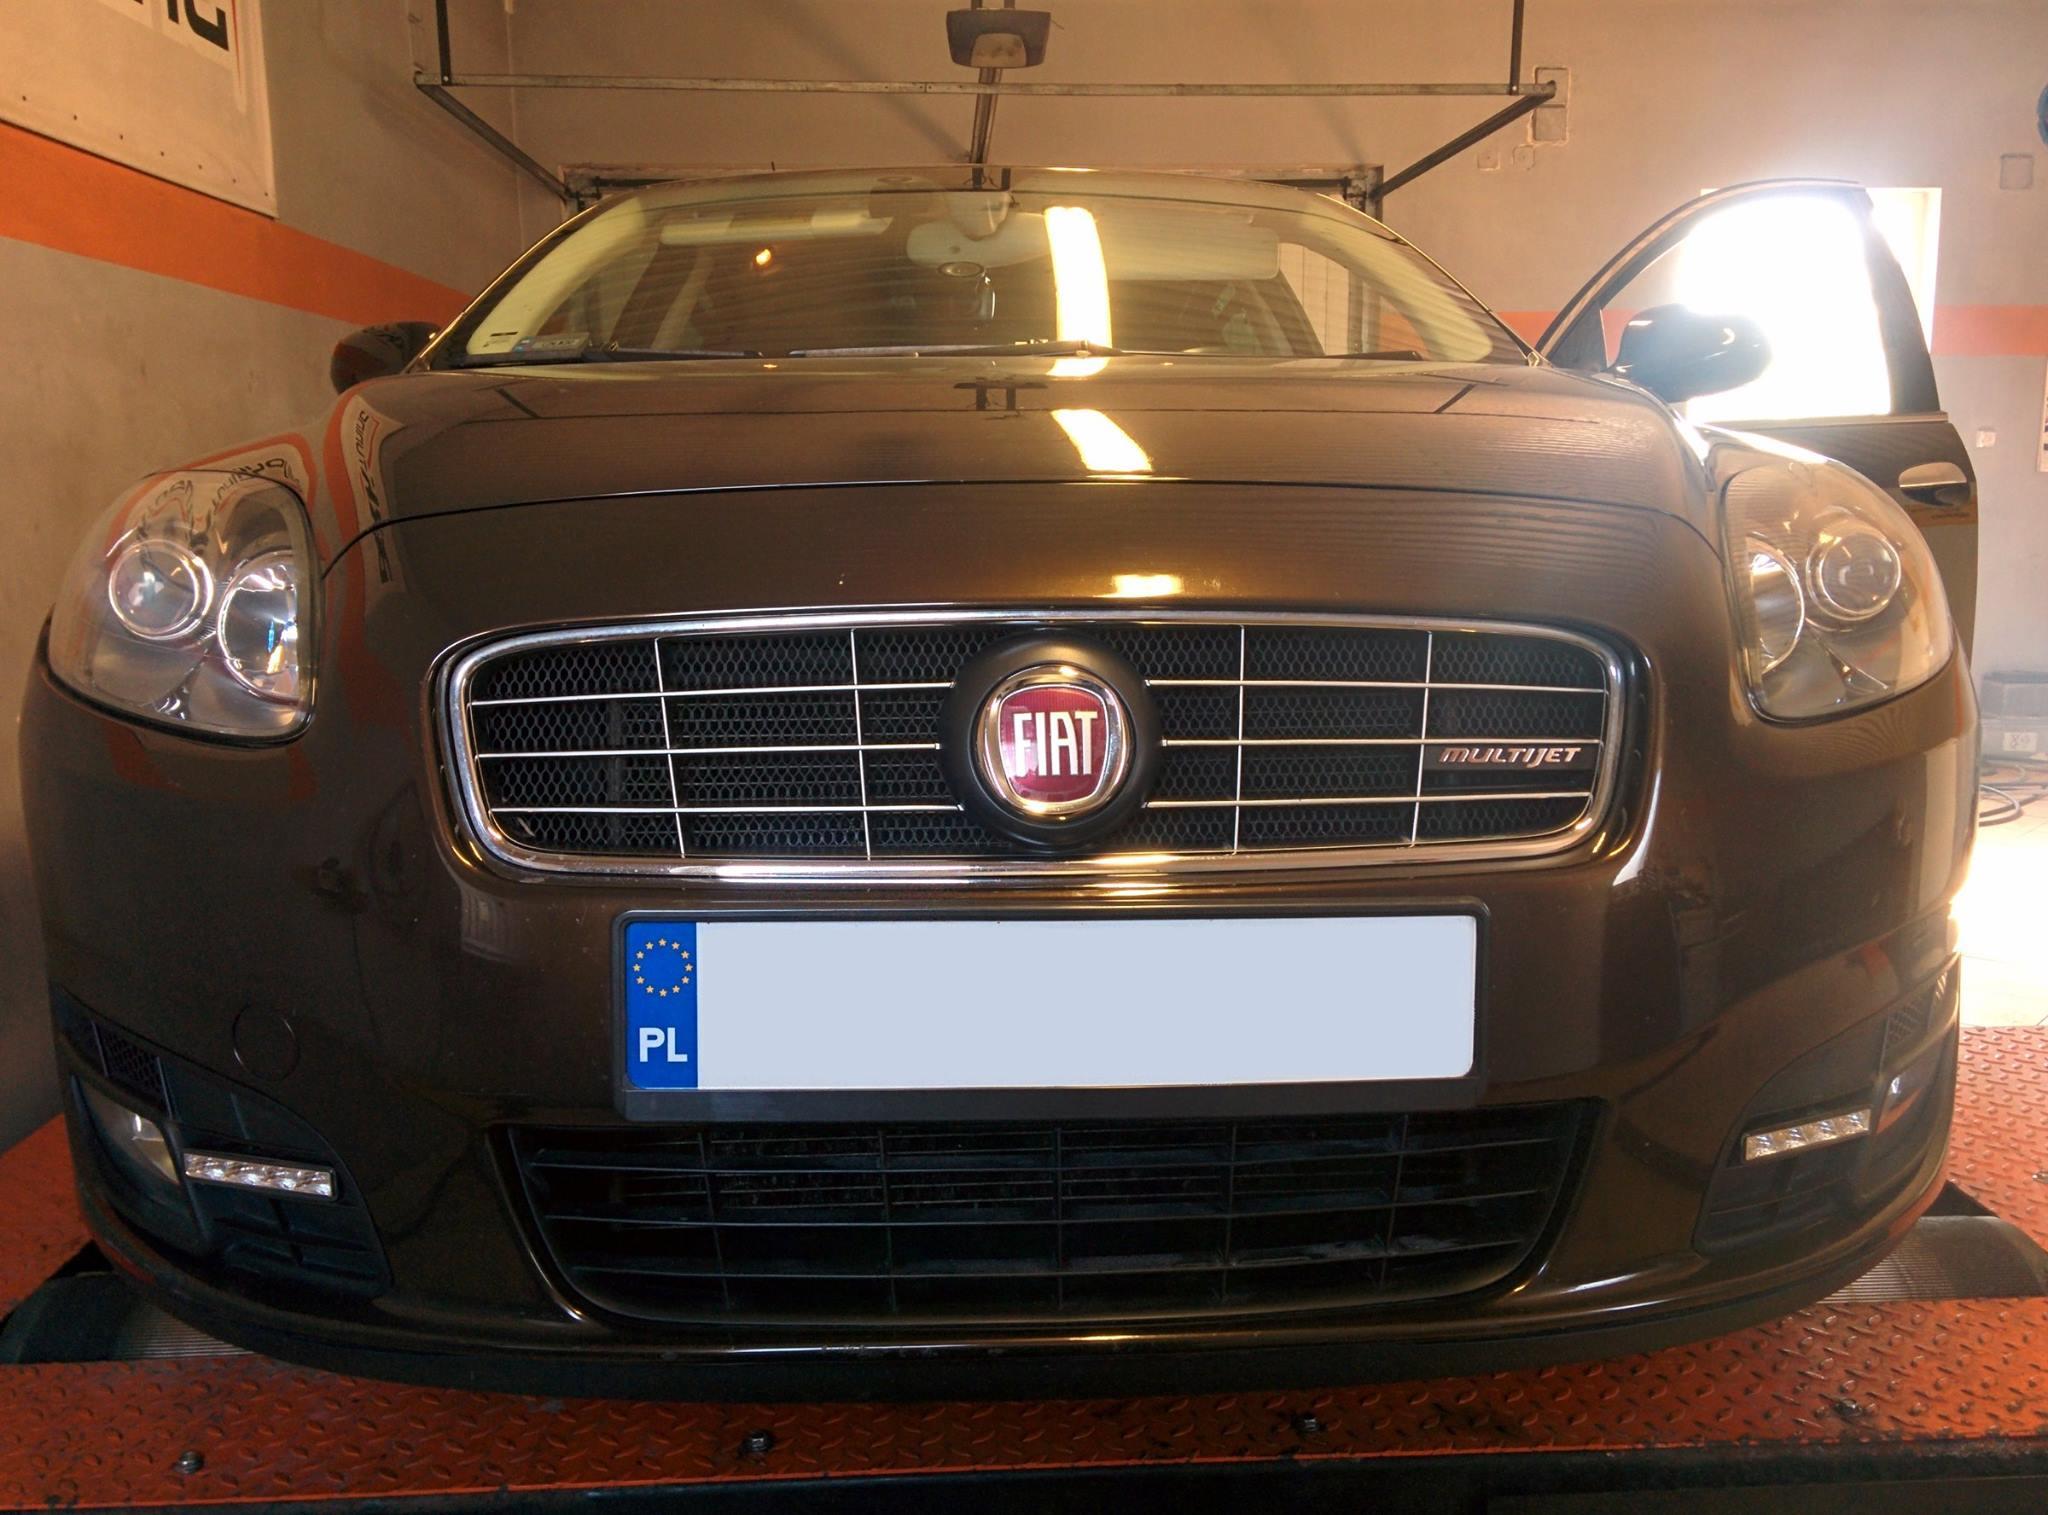 Fiat Croma - sprawdzamy przyrost mocy po zabiegu chiptuningu